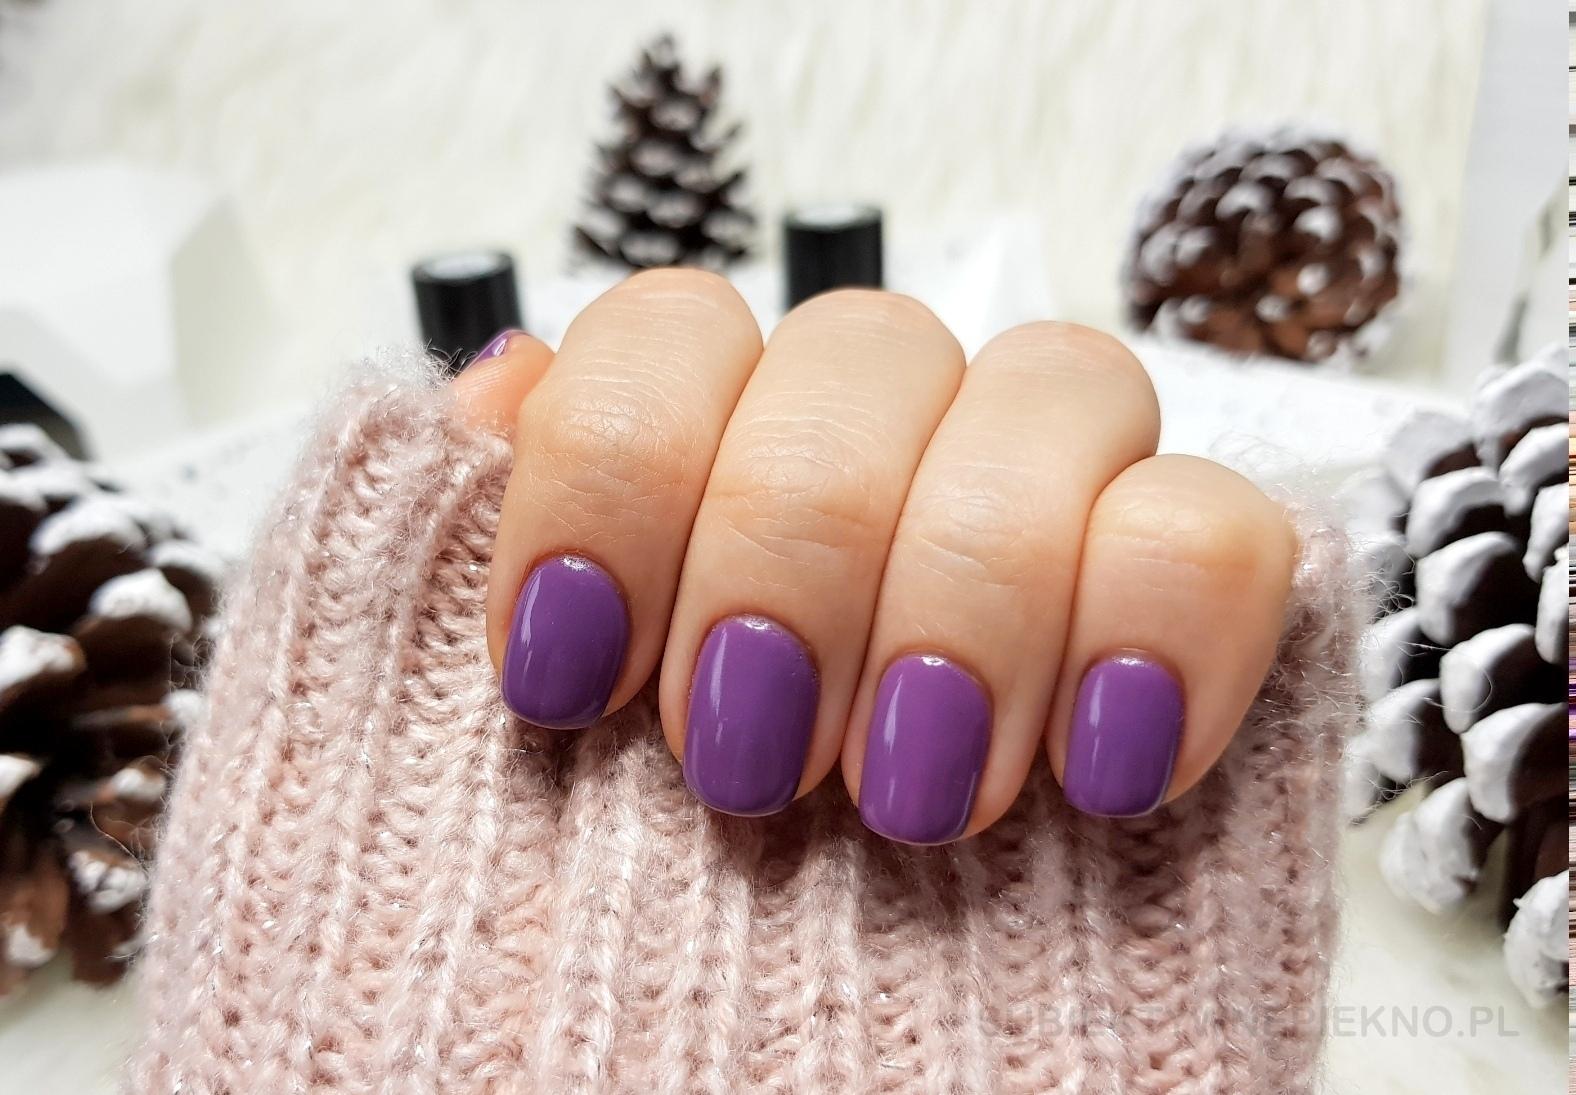 Lakier hybrydowy Chiodo Pro Affair 021 swatche na paznokciach, idealny kolor na zimę